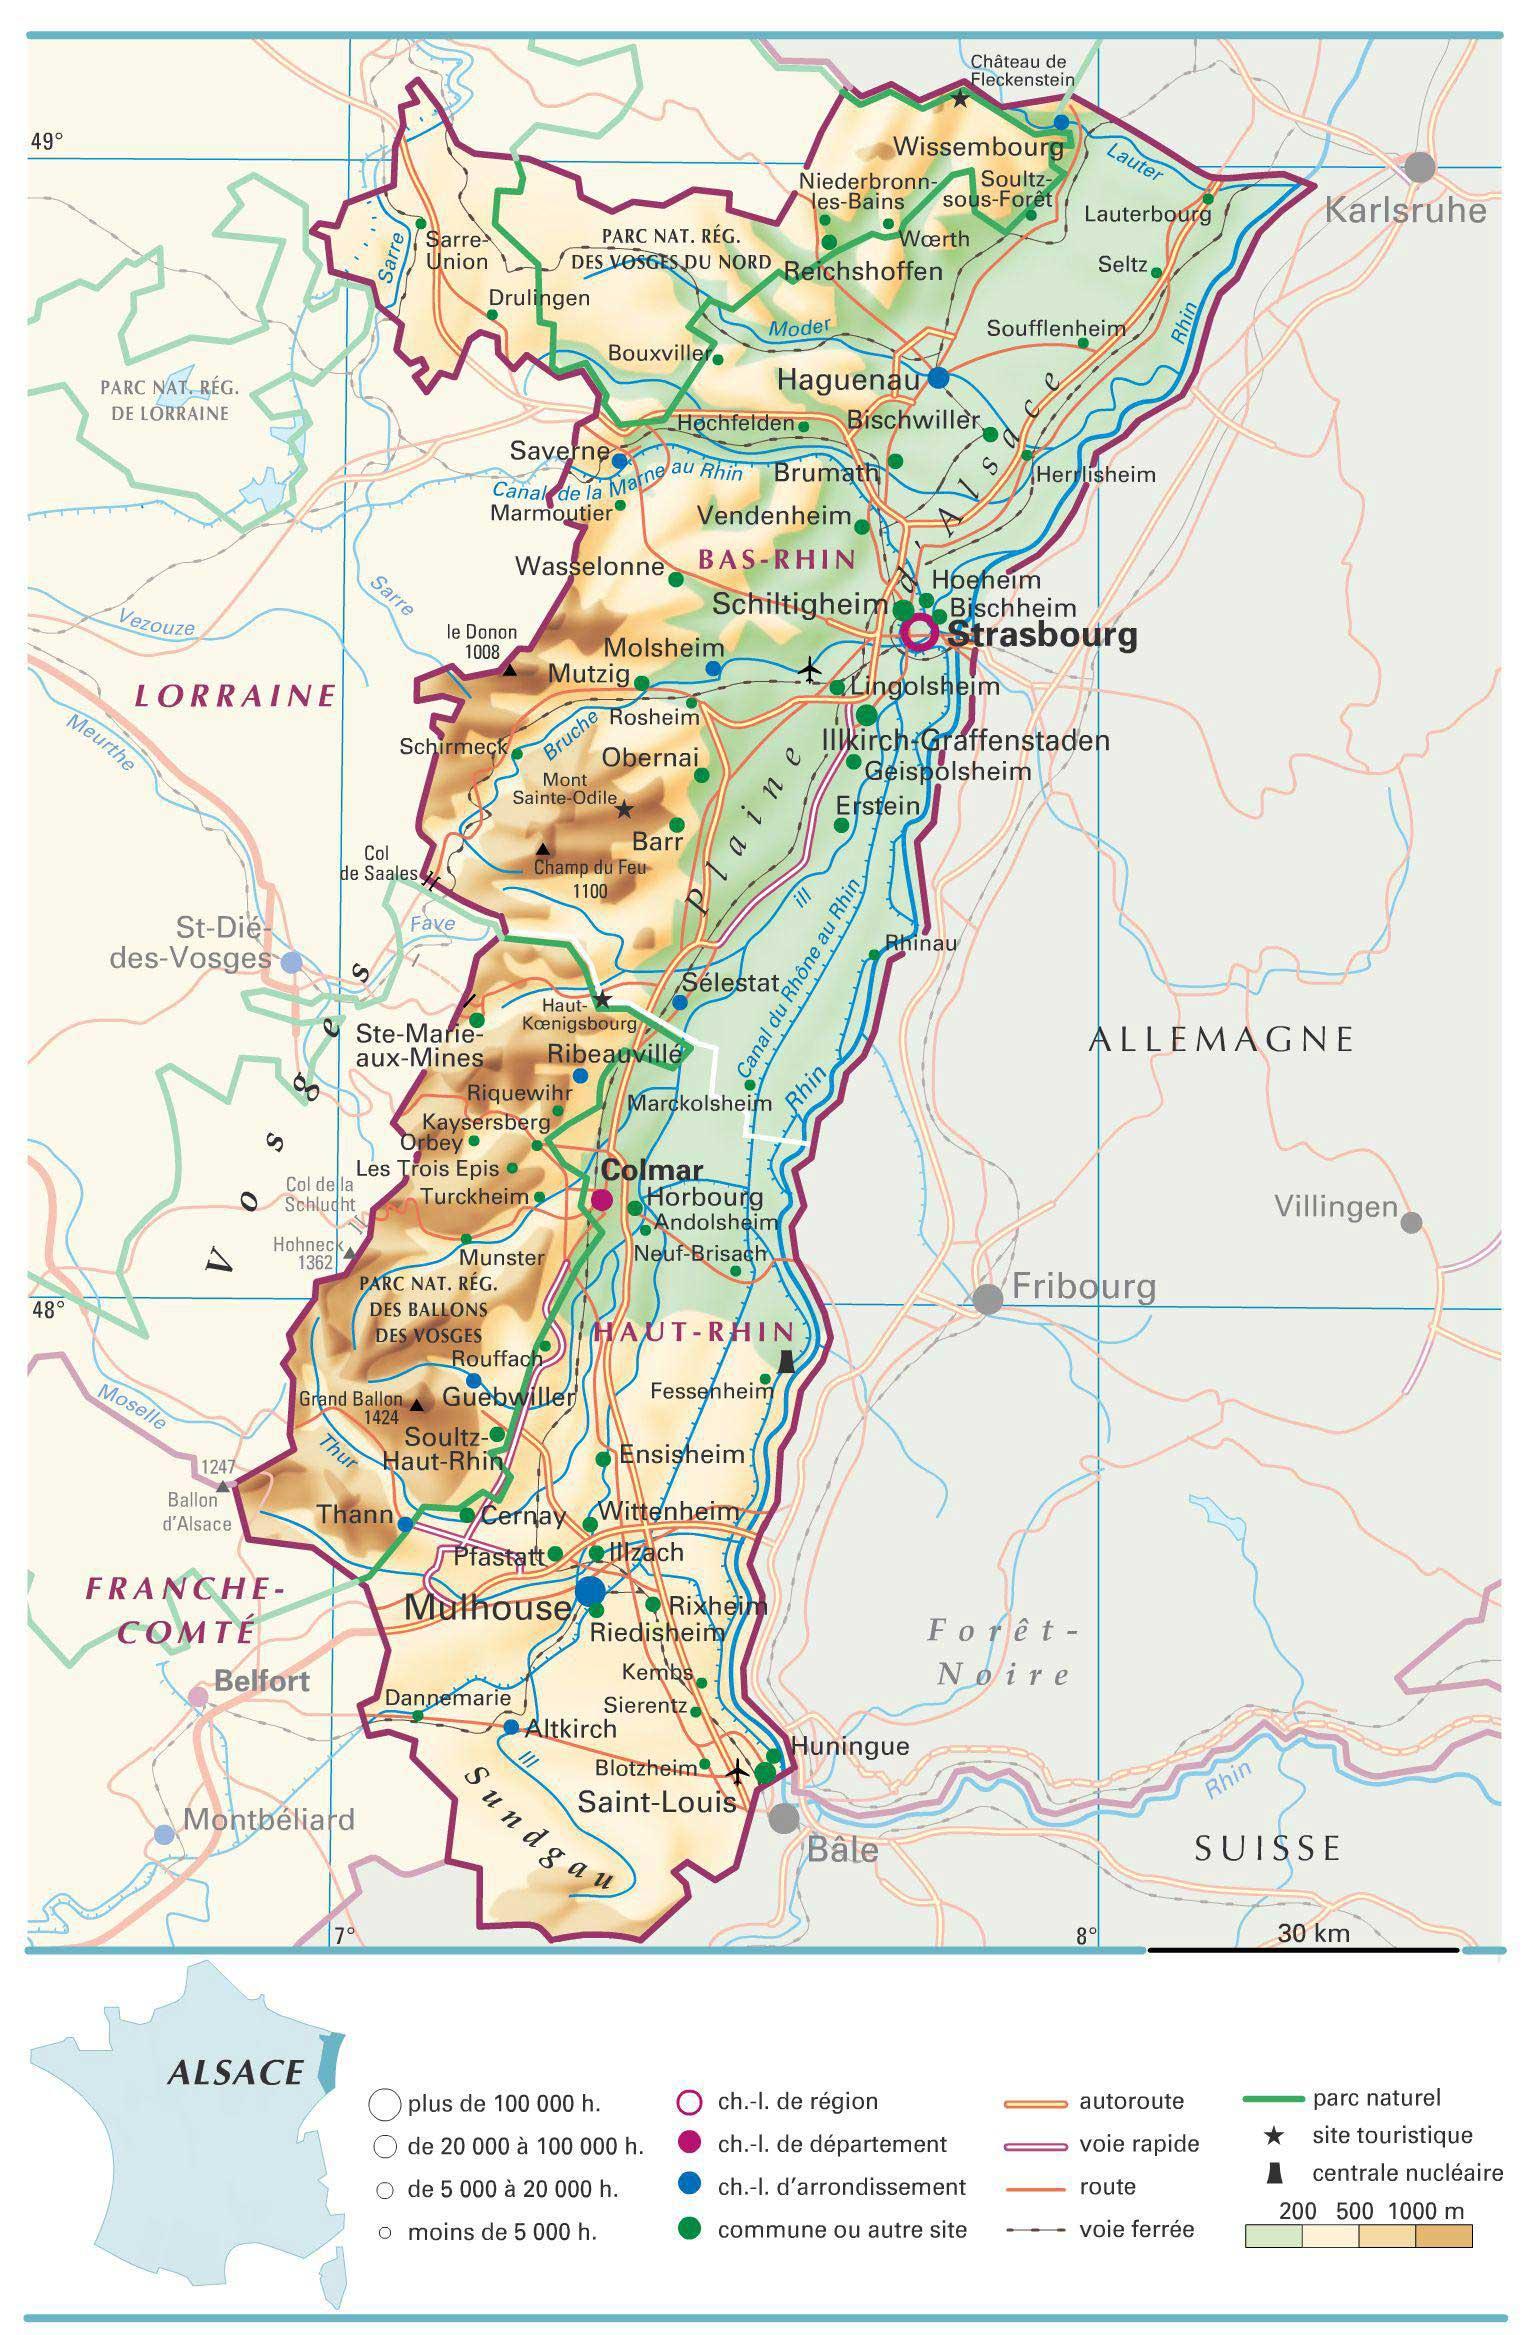 Carte Alsace Ungersheim.Carte D Alsace Vacances Arts Guides Voyages